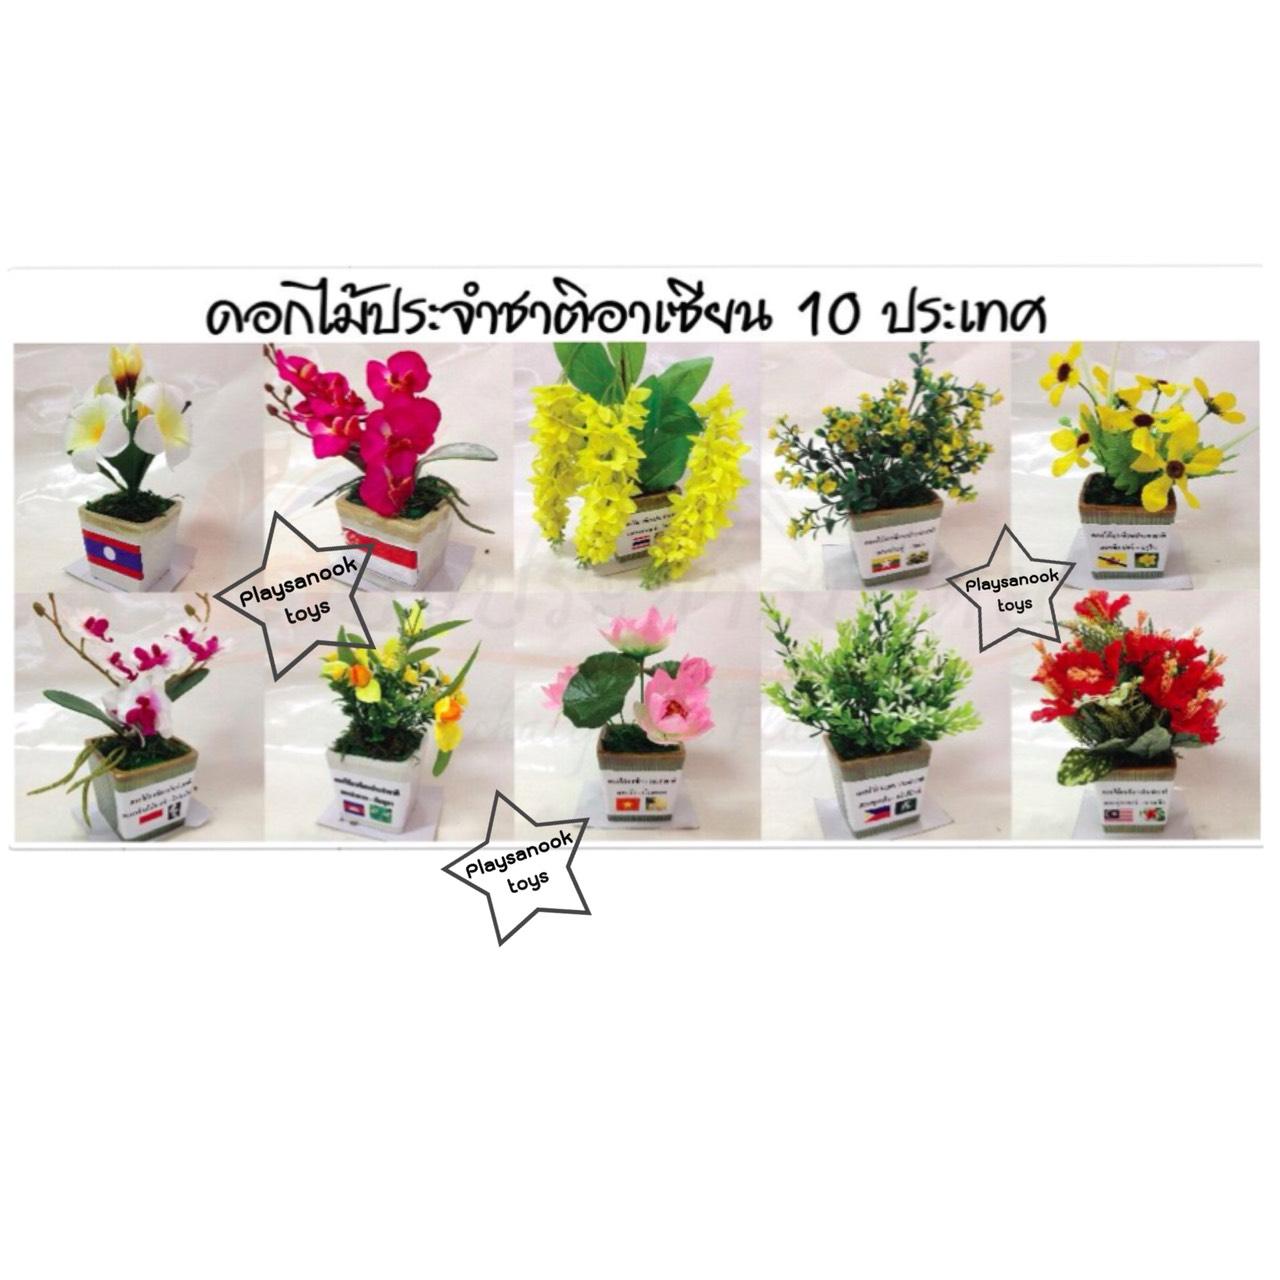 PF-006 ดอกไม้ประจำชาติอาเซียน10 ประเทศ